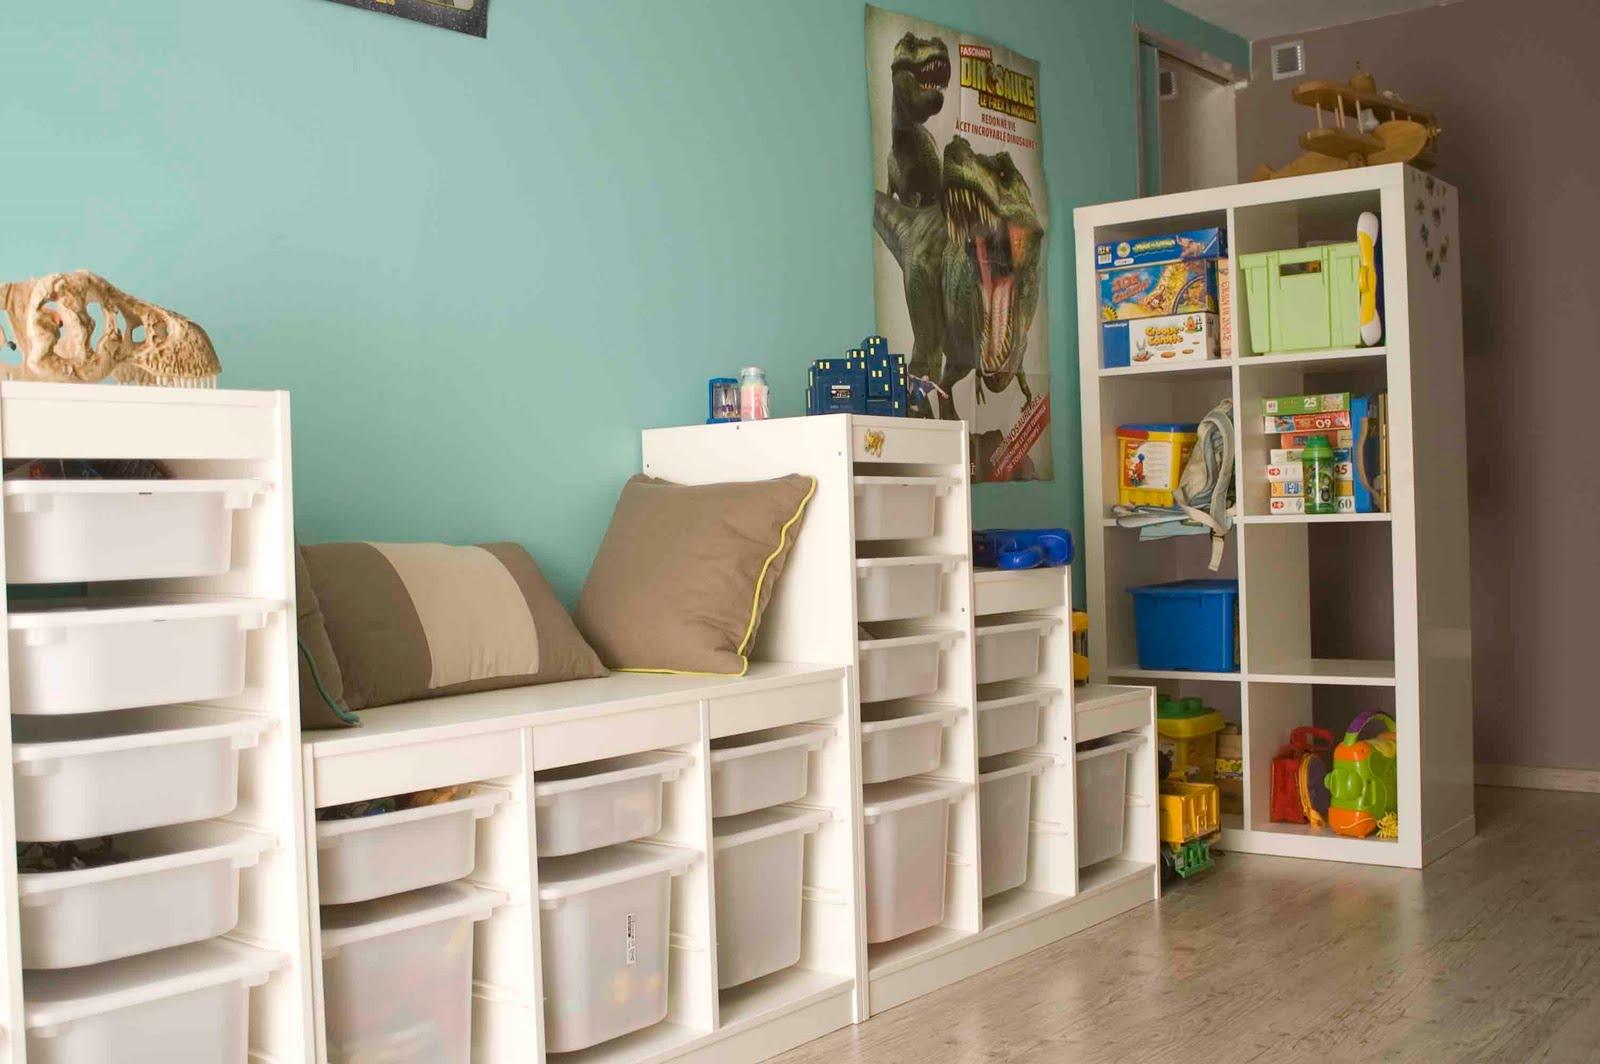 banc lit ikea. Black Bedroom Furniture Sets. Home Design Ideas